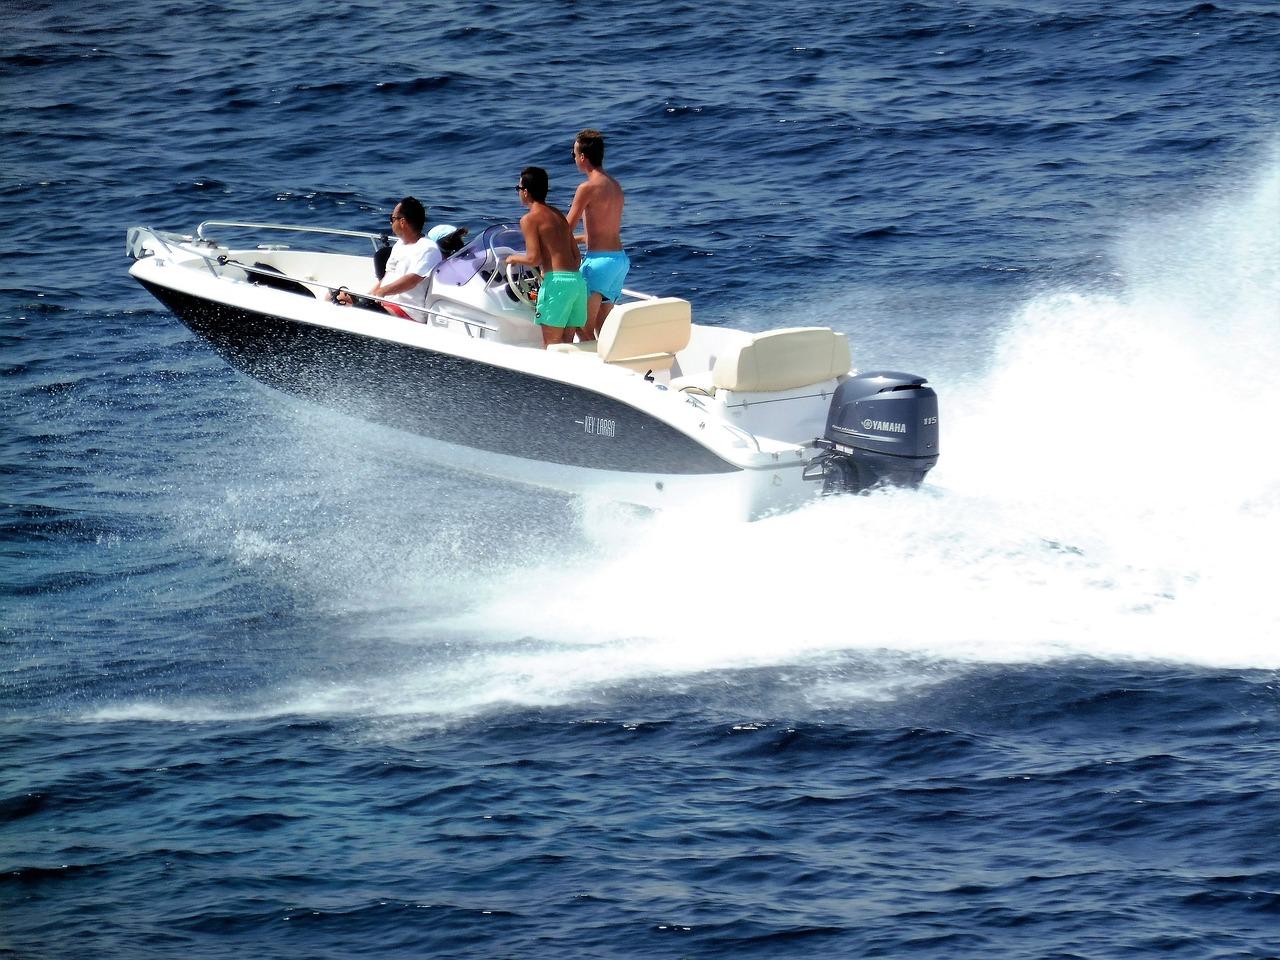 приложение моторные лодки с ценой в картинках заказывала